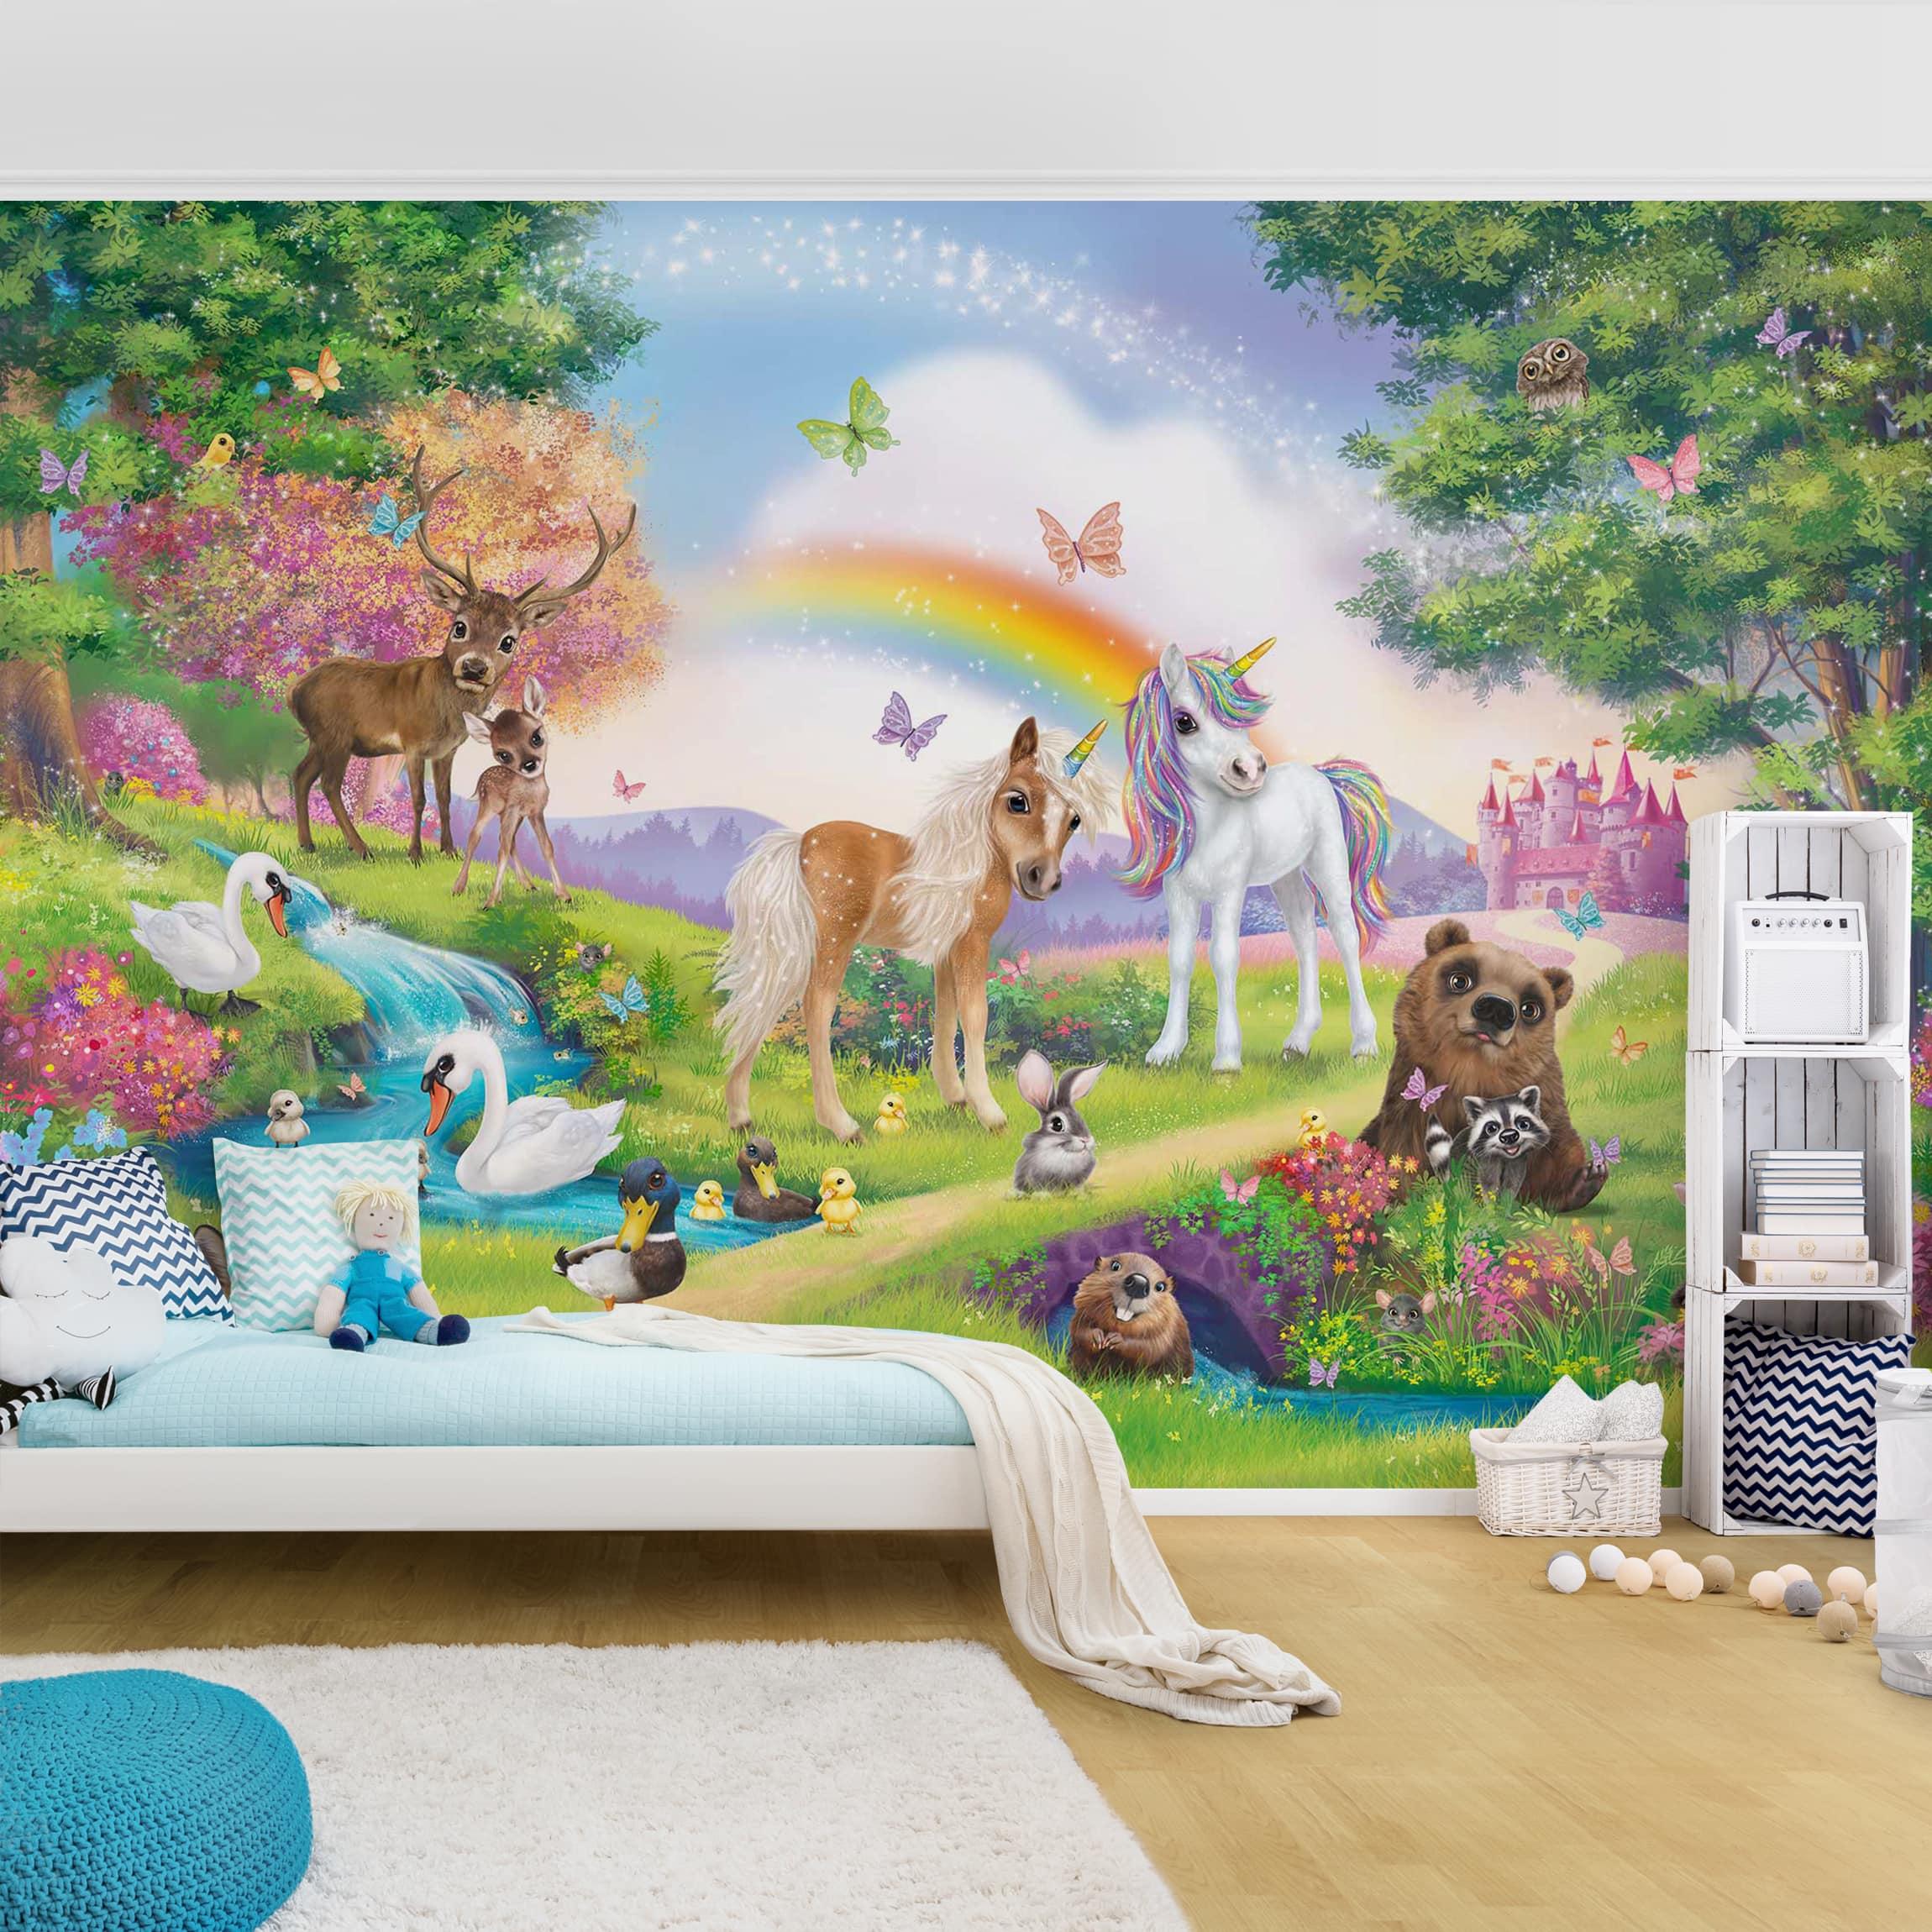 Full Size of Wandbild Kinderzimmer Tapete Selbstklebend Animal Club International Wandbilder Schlafzimmer Regal Weiß Wohnzimmer Regale Sofa Kinderzimmer Wandbild Kinderzimmer